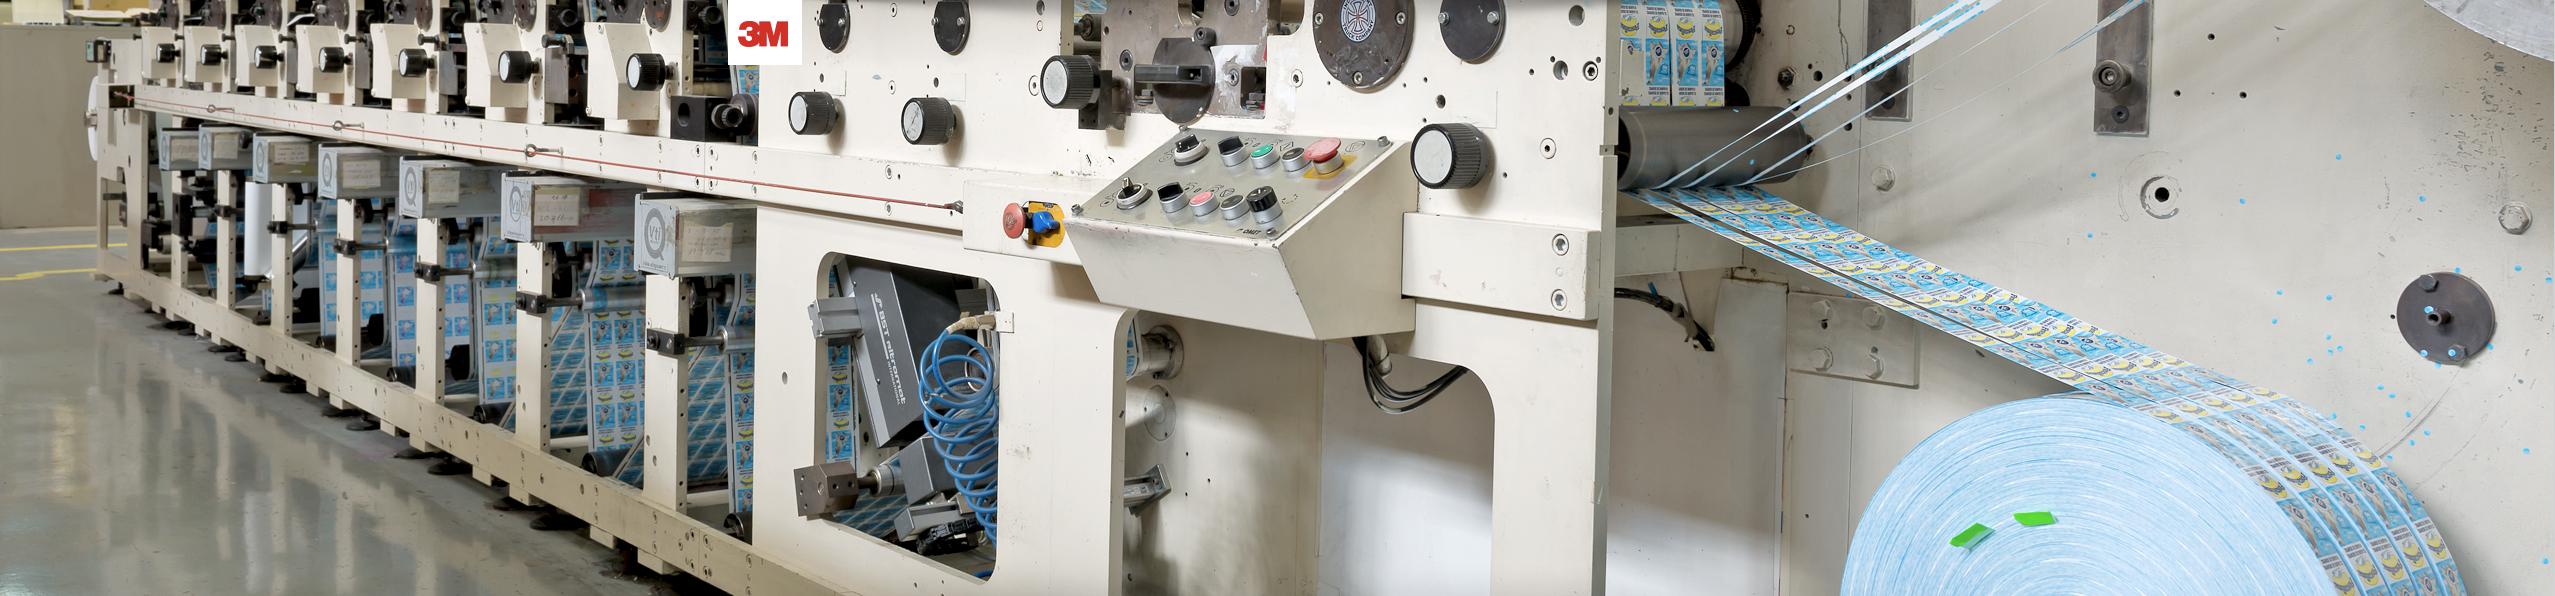 Equip 3000 dispone de maquinaria Flexo U/V para la impresión de etiquetas de hasta 13 colores